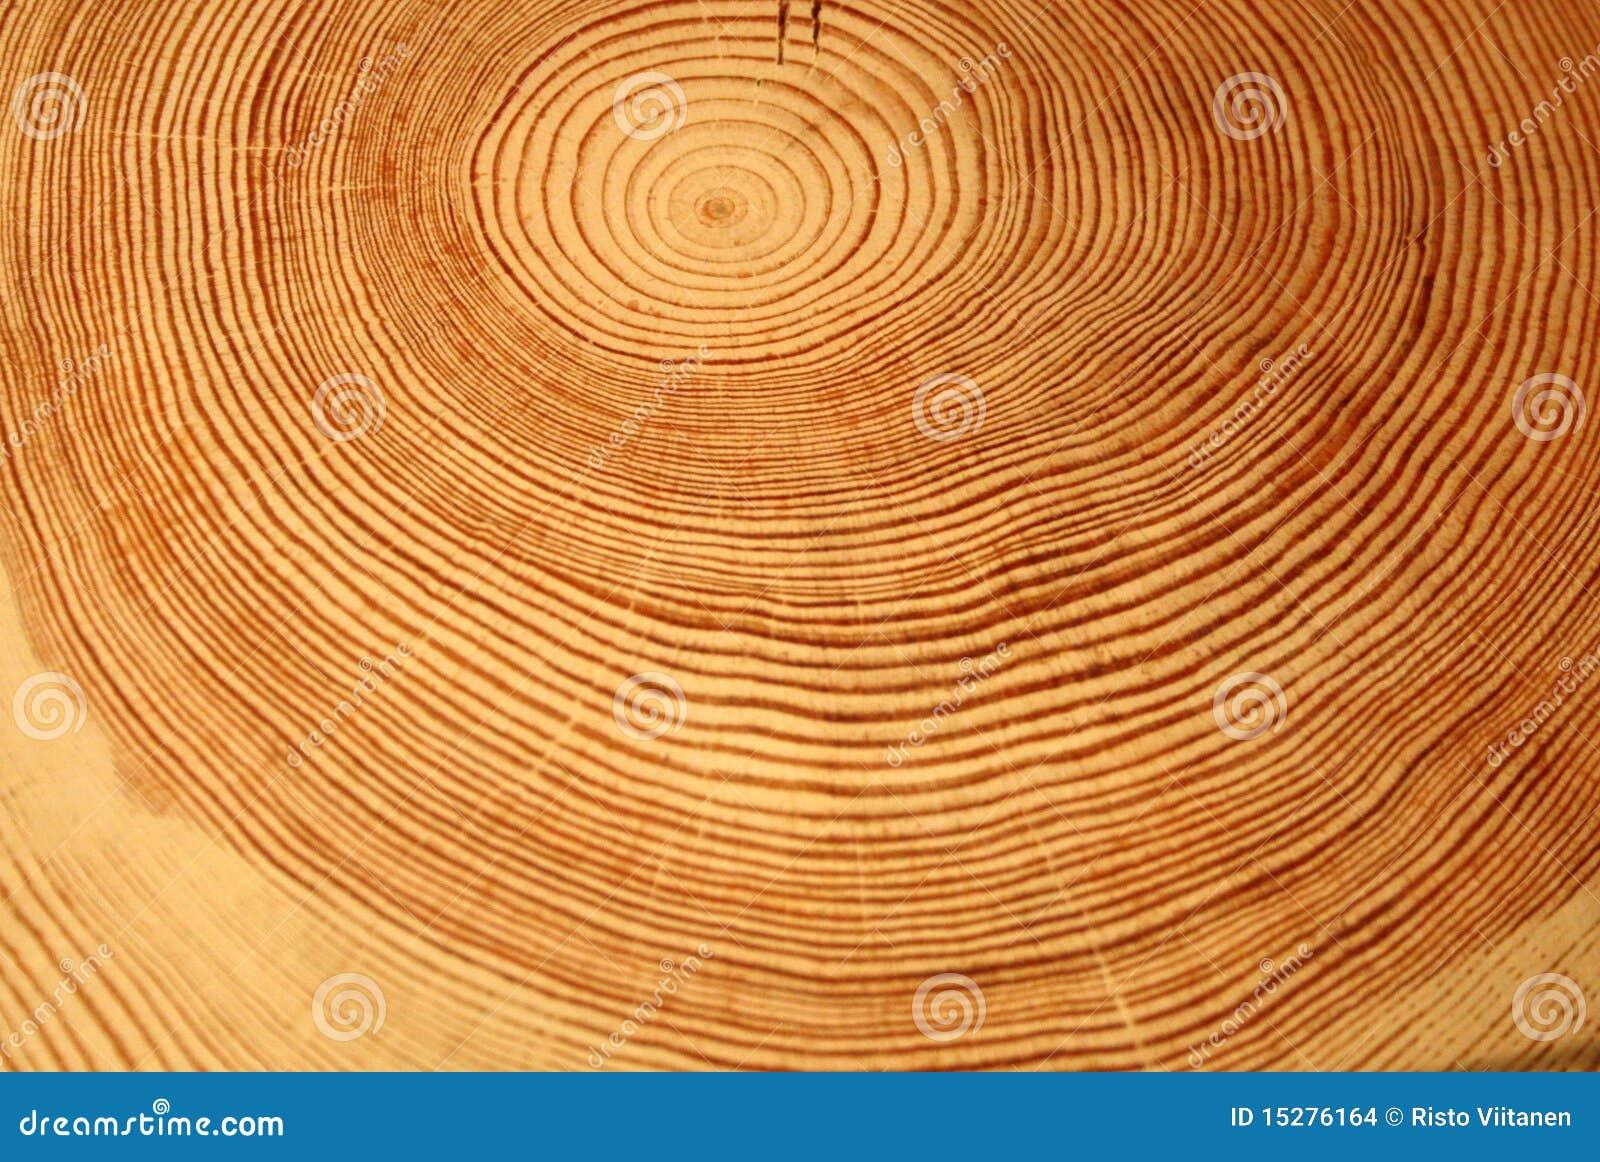 De ringen van het jaar van een boom